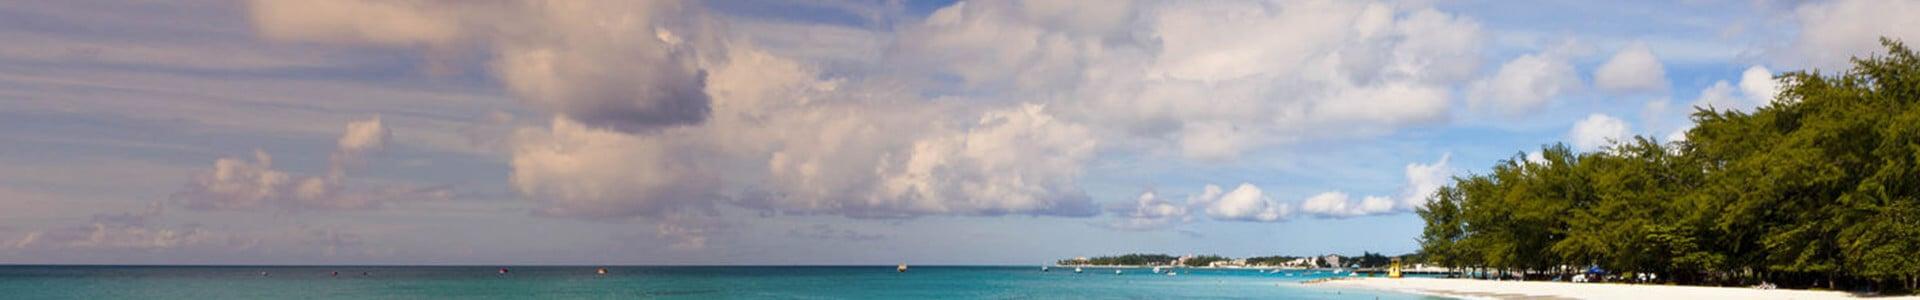 Voyage à la Barbade - TUI